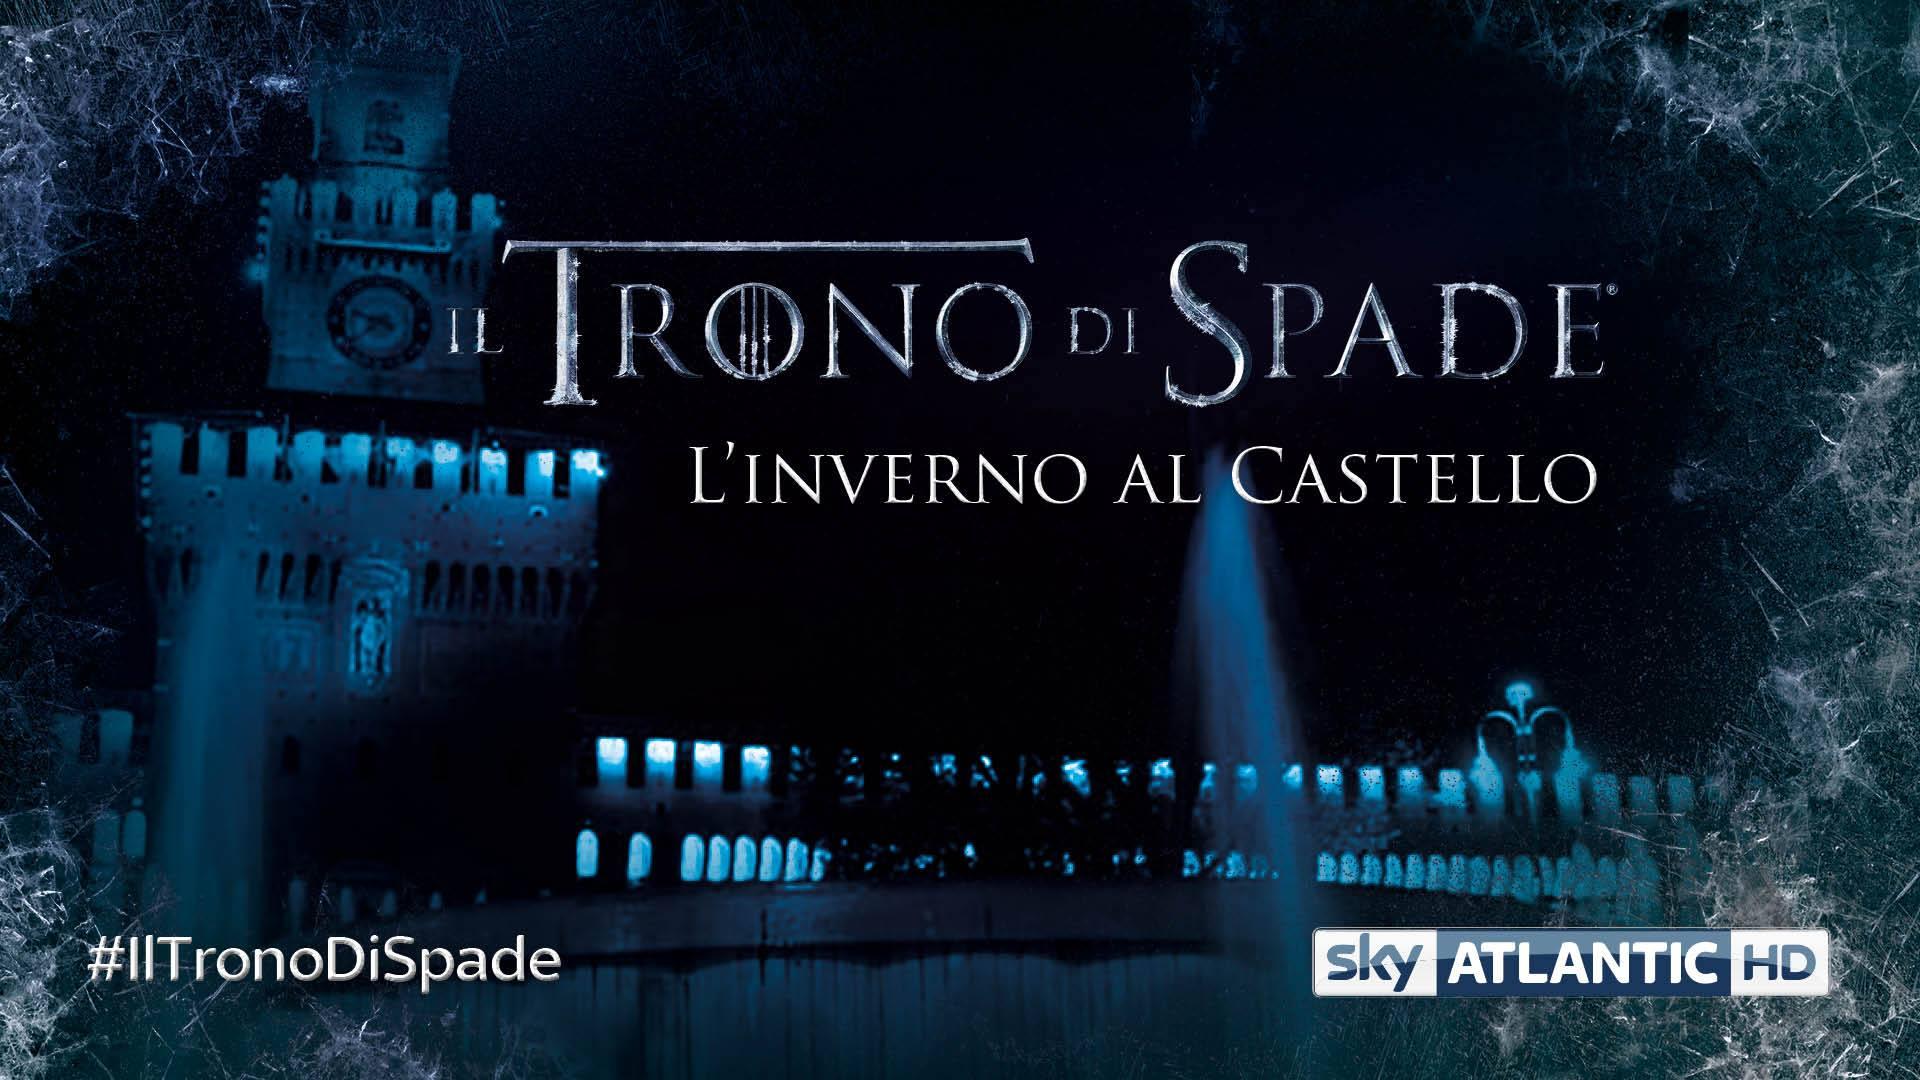 Il Trono Di Spade Linverno Al Castello Flawless Milano